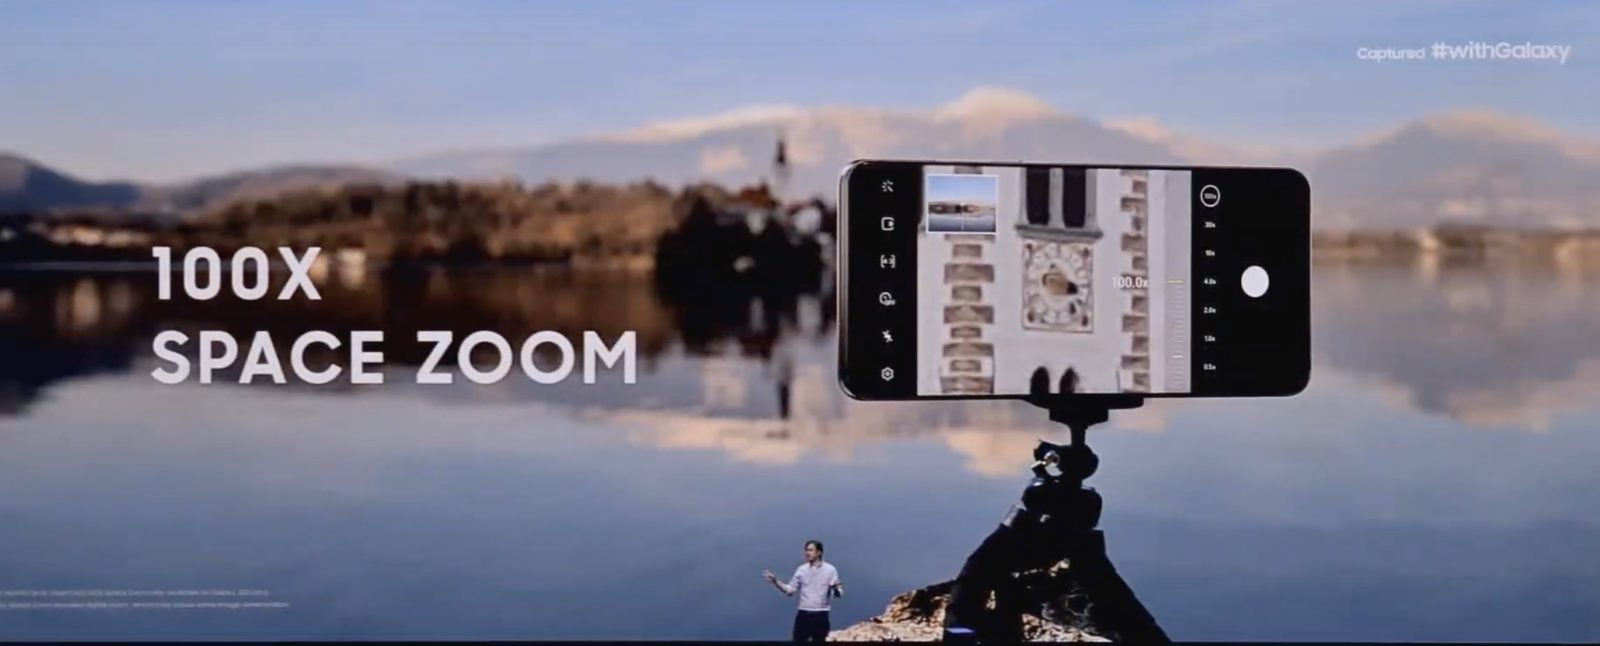 Video 8K, 108 MPixel: Galaxy S20 è la grande scommessa di Samsung